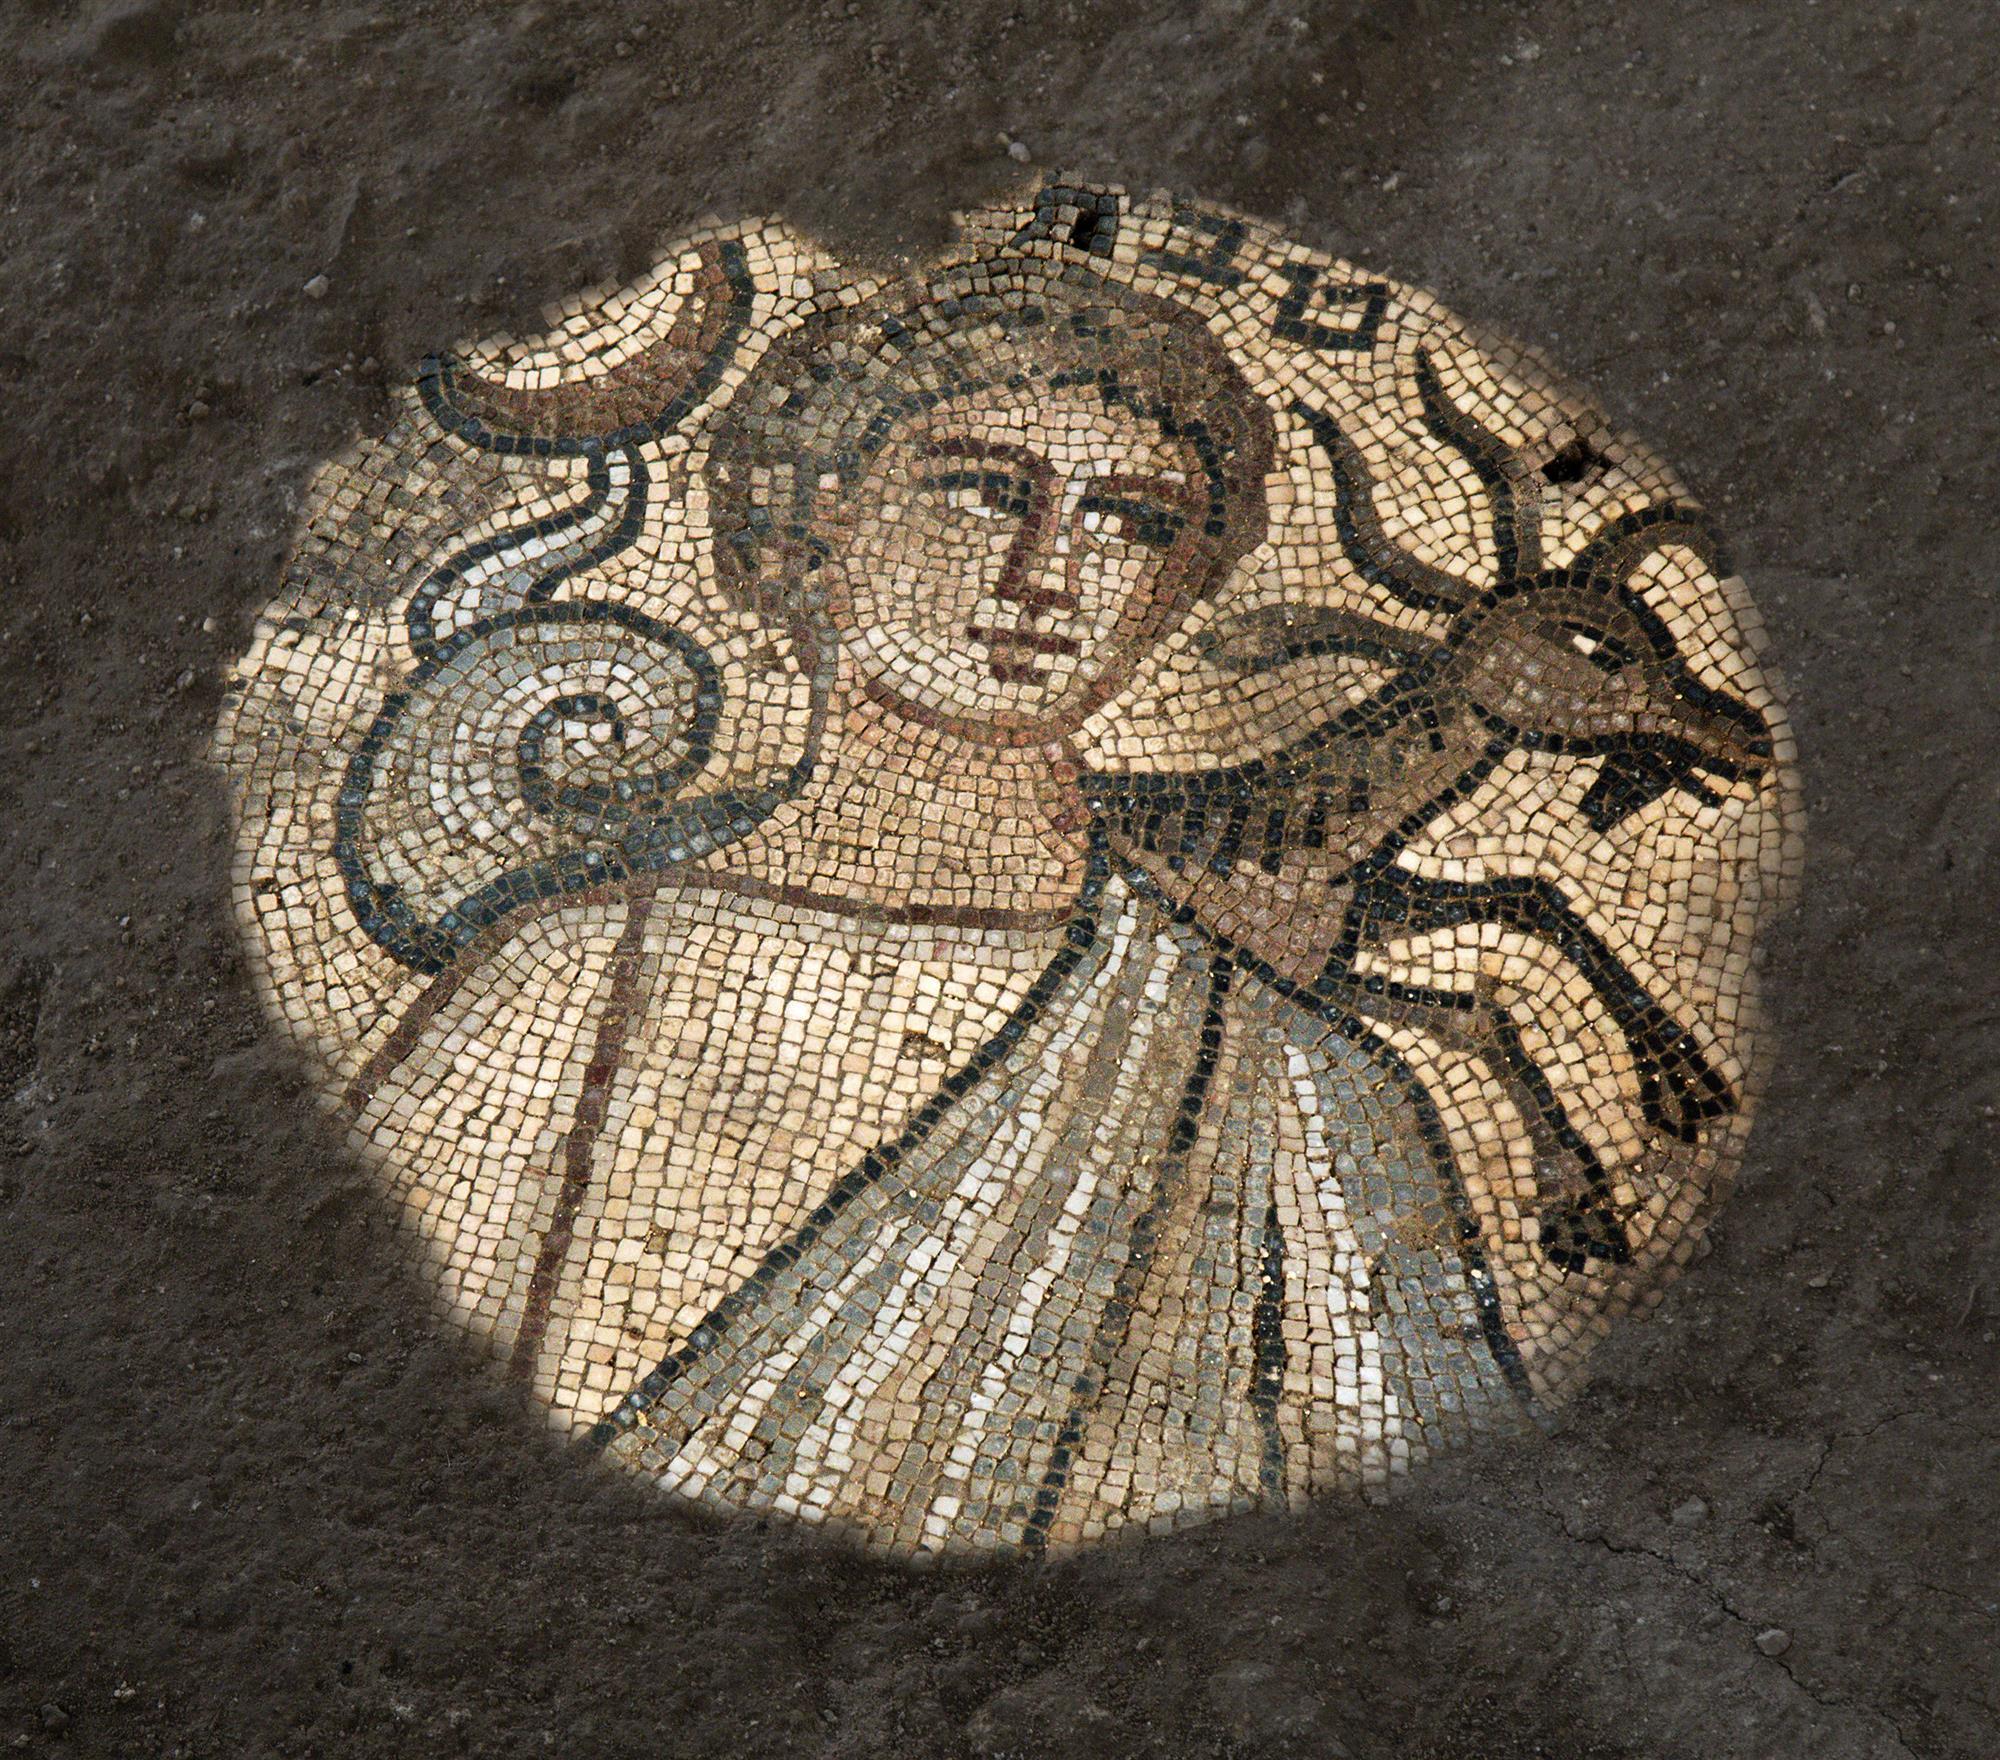 Hallan nuevos mosaicos de temática bíblica en una antigua sinagoga de Israel